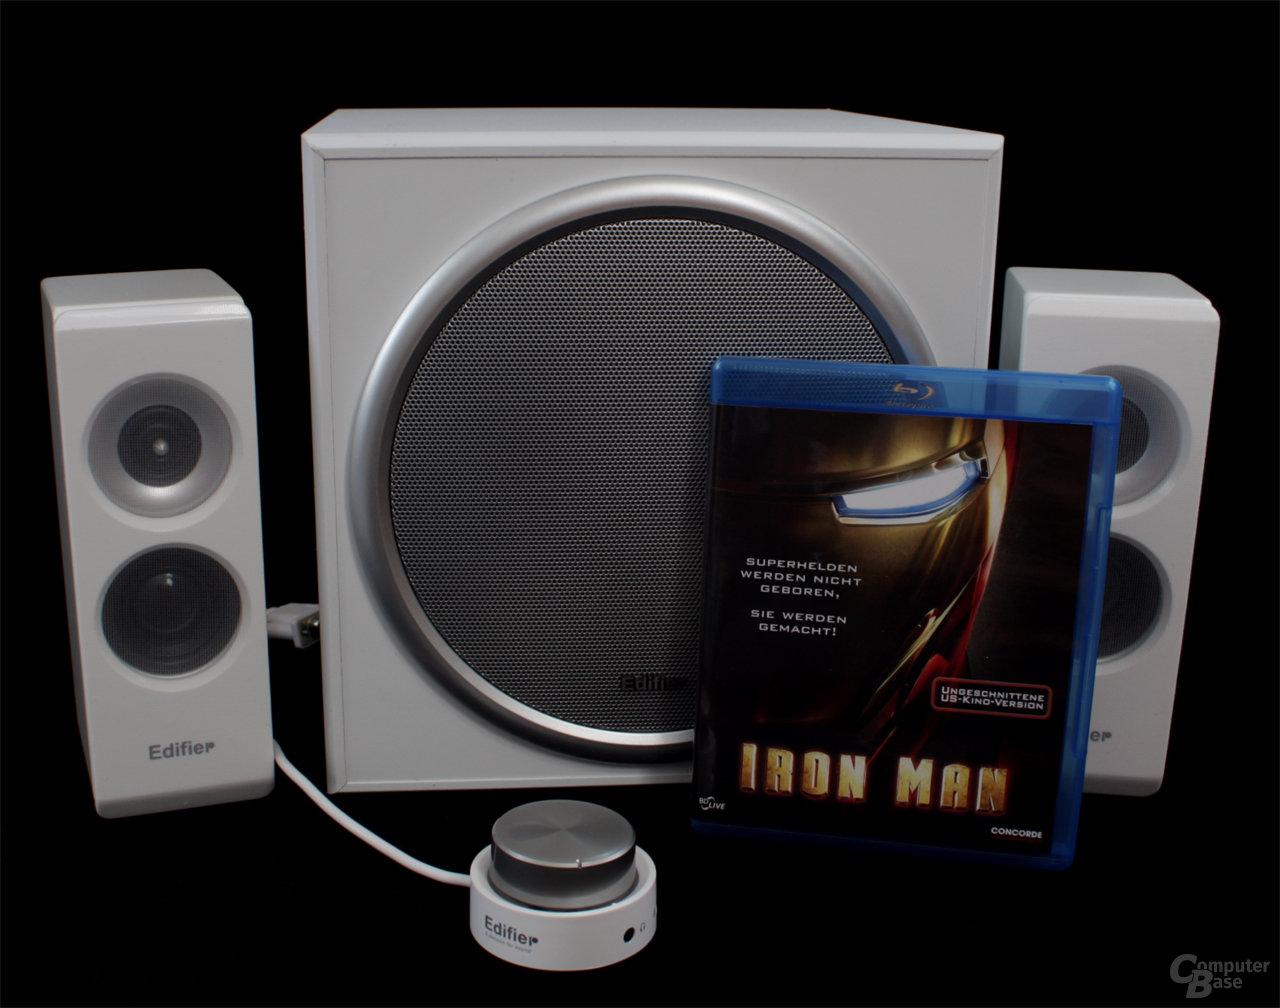 Größenvergleich mit einer Blu-ray-Disk